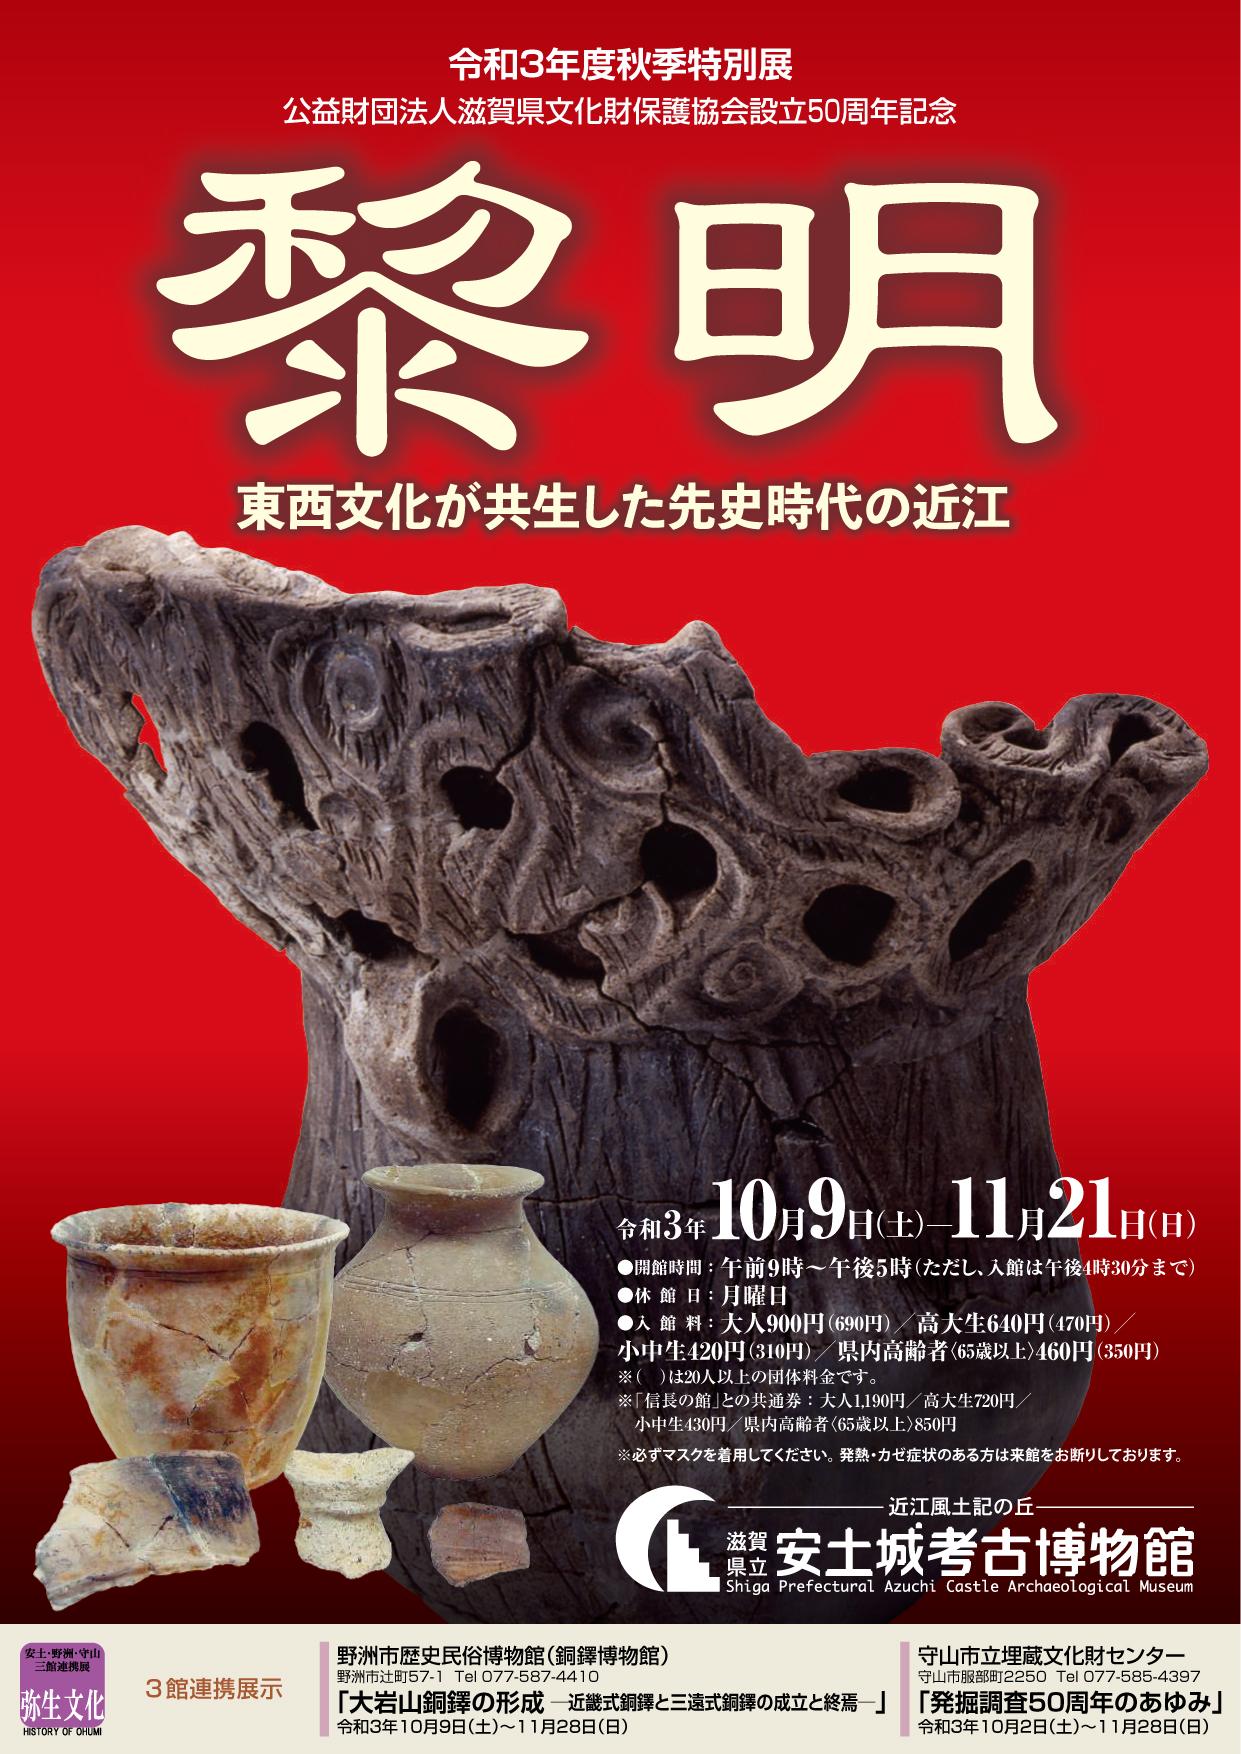 令和3年度秋季特別展 公益財団法人滋賀県文化財保護協会設立50周年記念「黎明─東西文化が共生した先史時代の近江―」